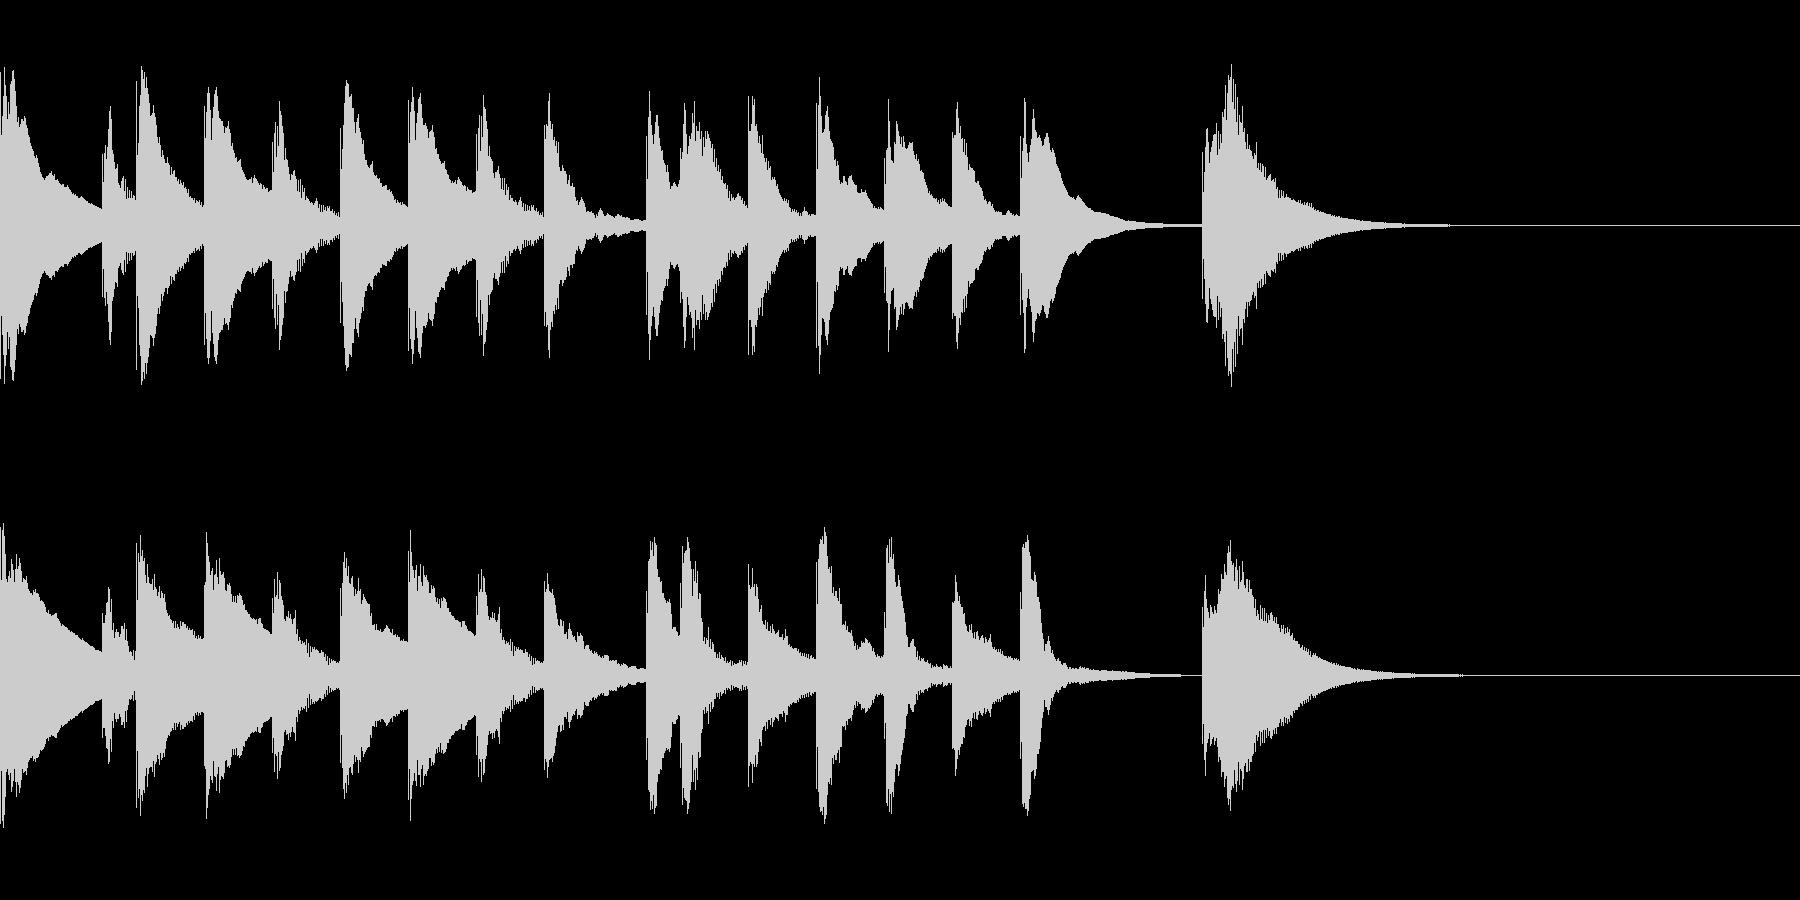 シロフォンのかわいい5秒ジングルの未再生の波形